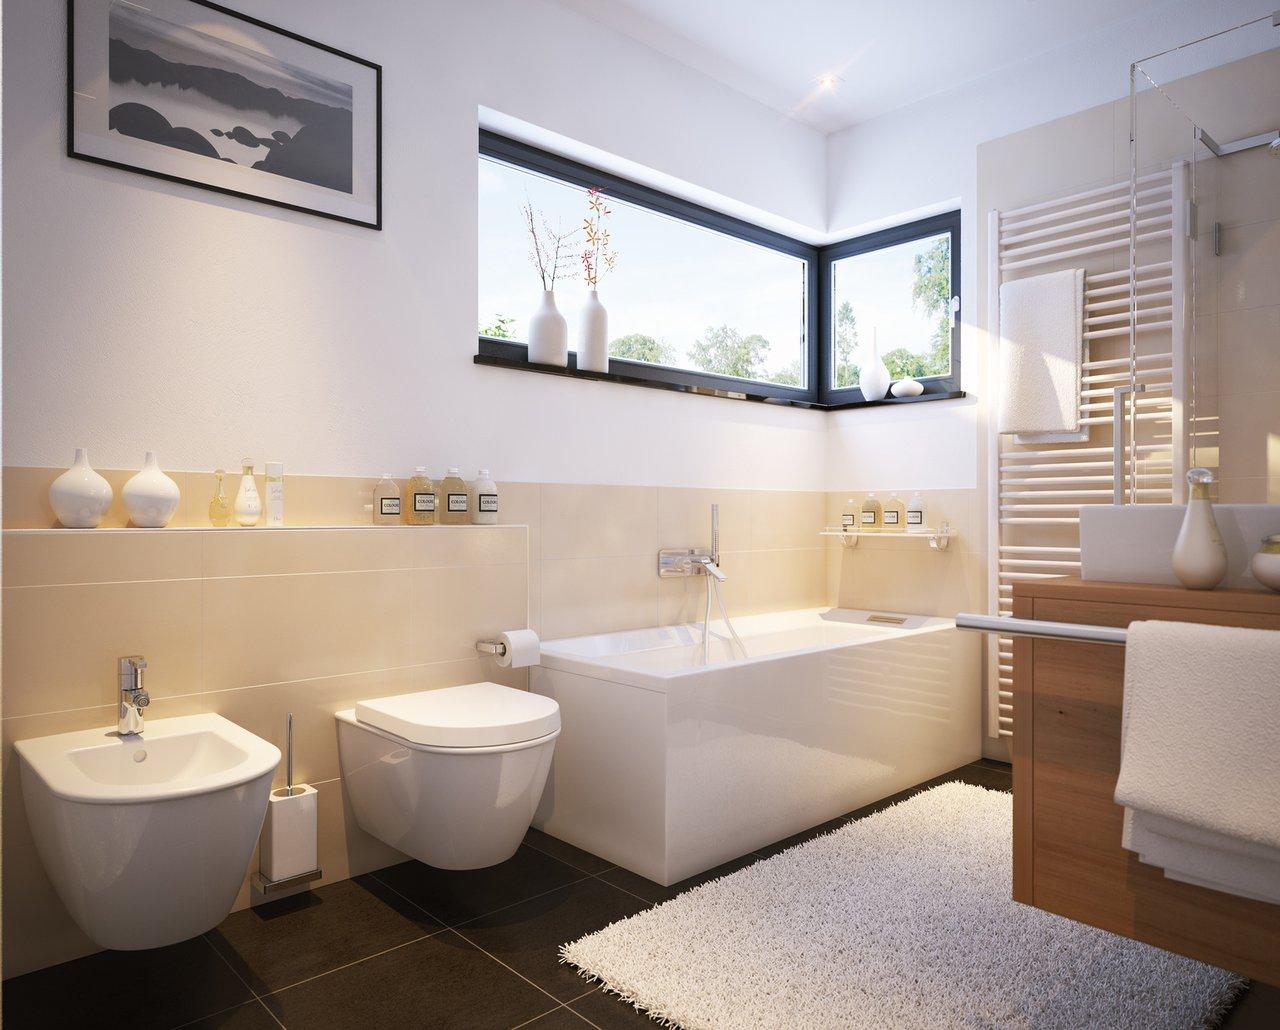 Badewanne Streichen badewannen ort für wellness und entspannung bruhn bruhn gbr